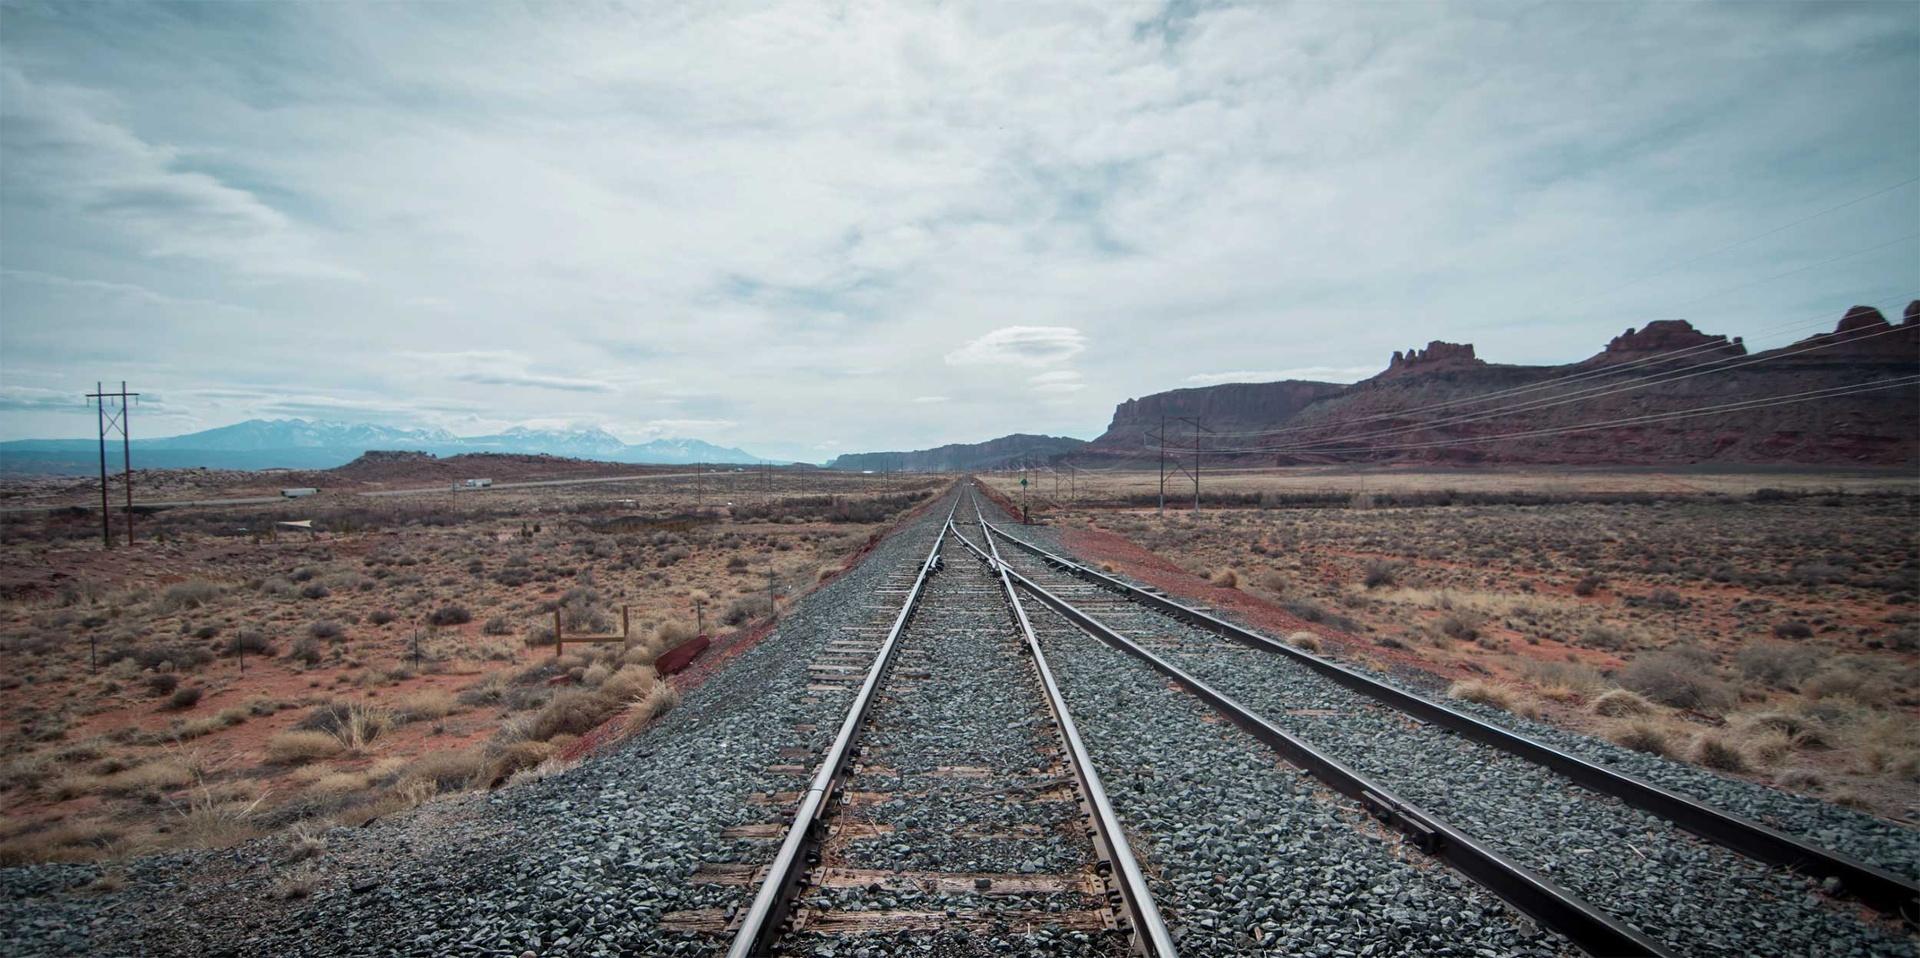 traintracks-1